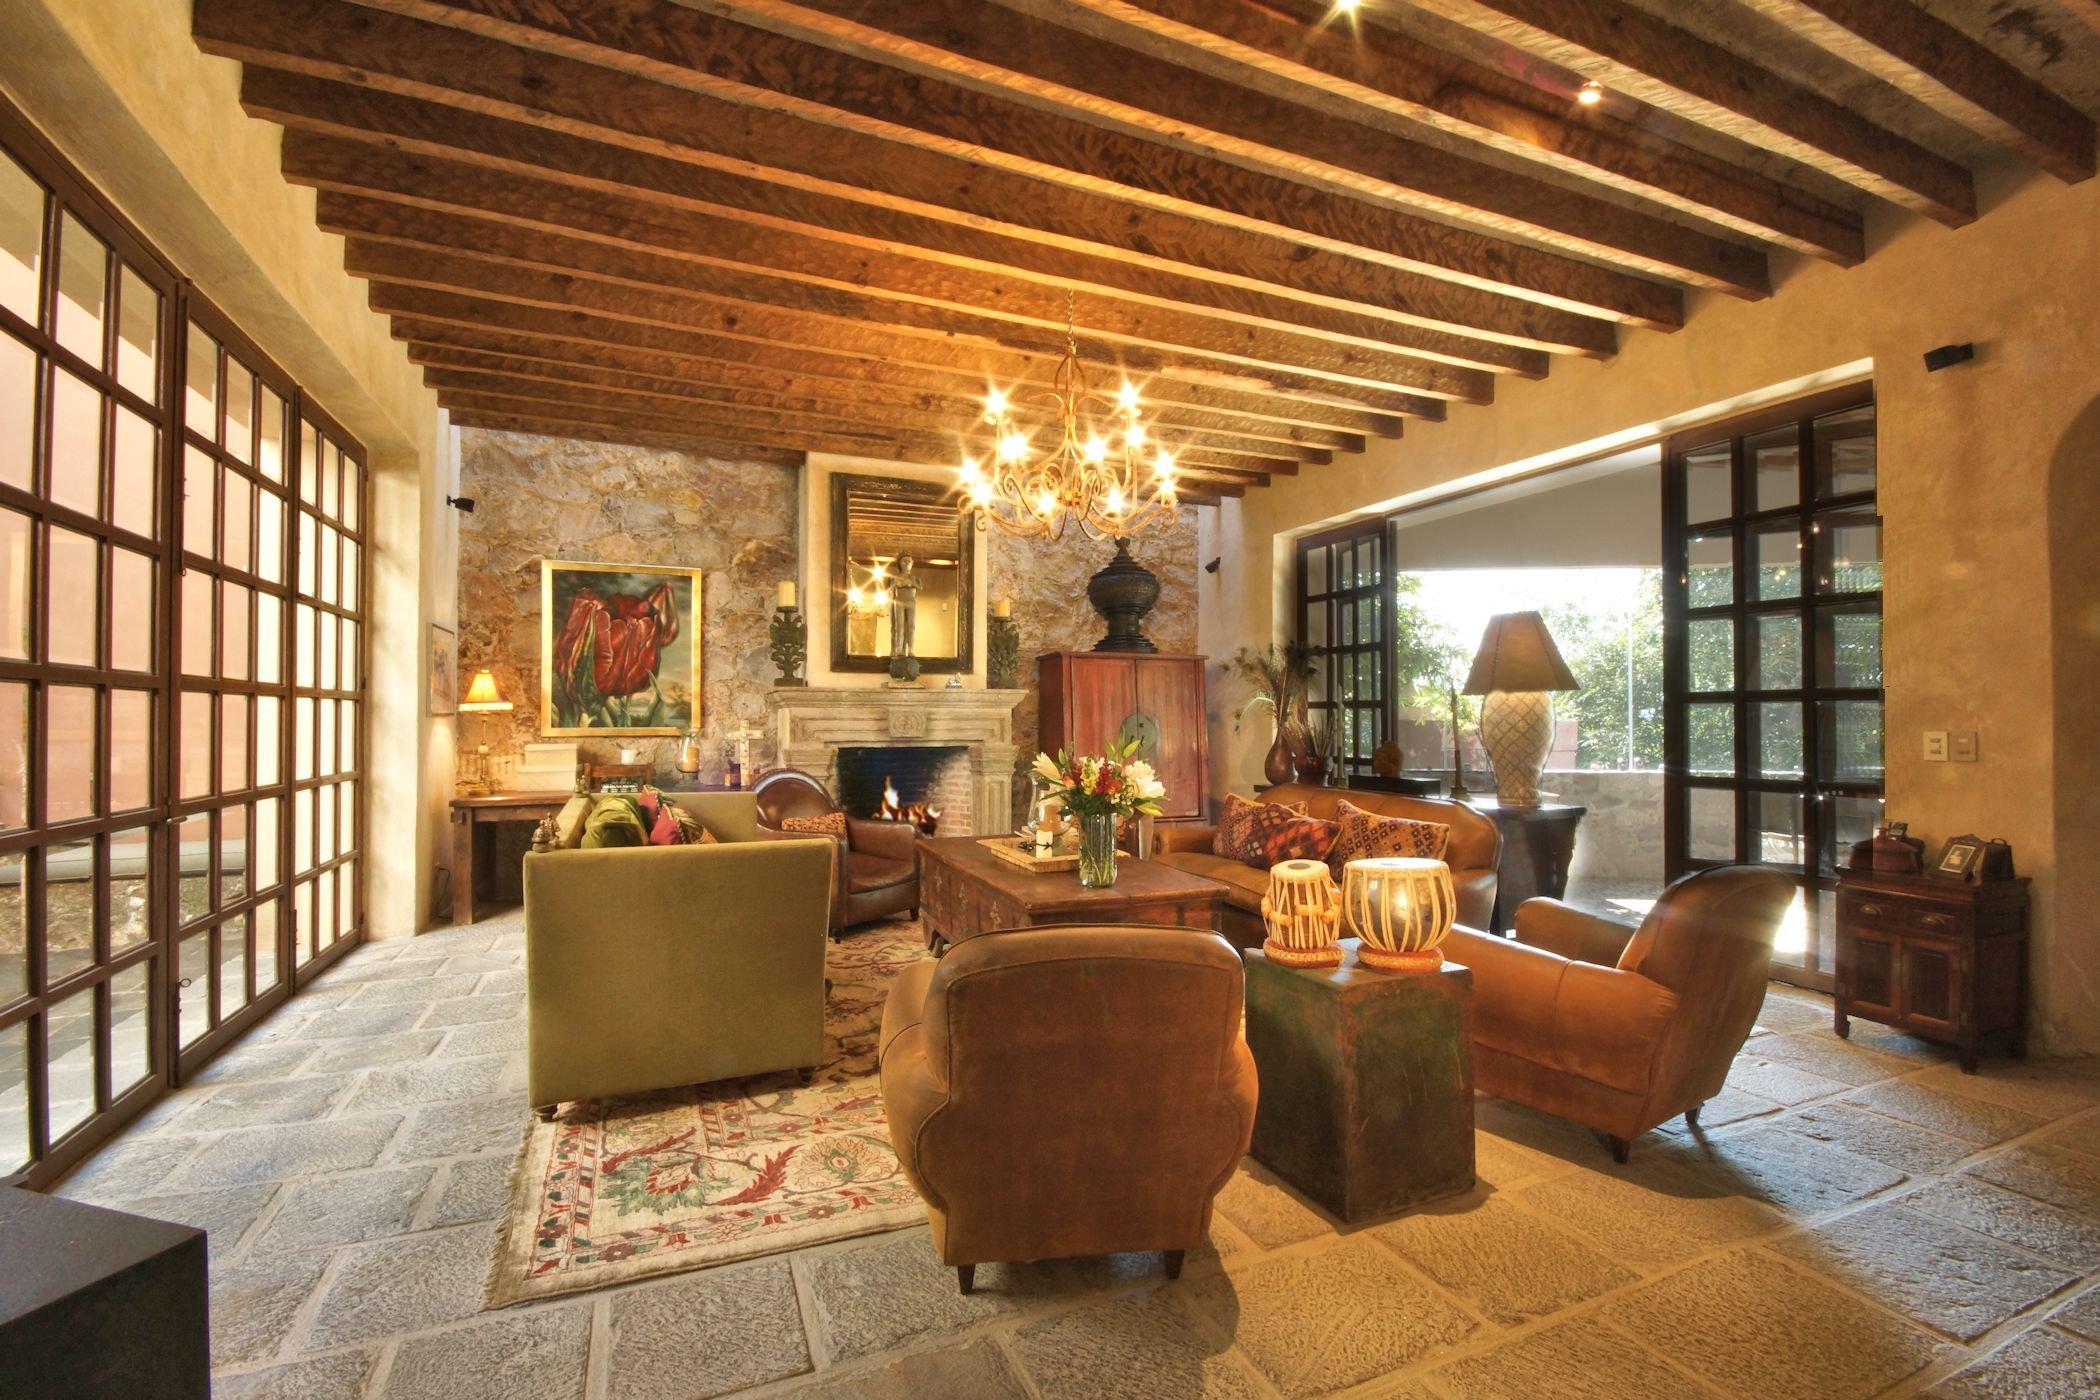 Single Family Home for Sale at Casa de los Sueños Canadita de los Aguacates San Miguel De Allende, Guanajuato 37700 Mexico